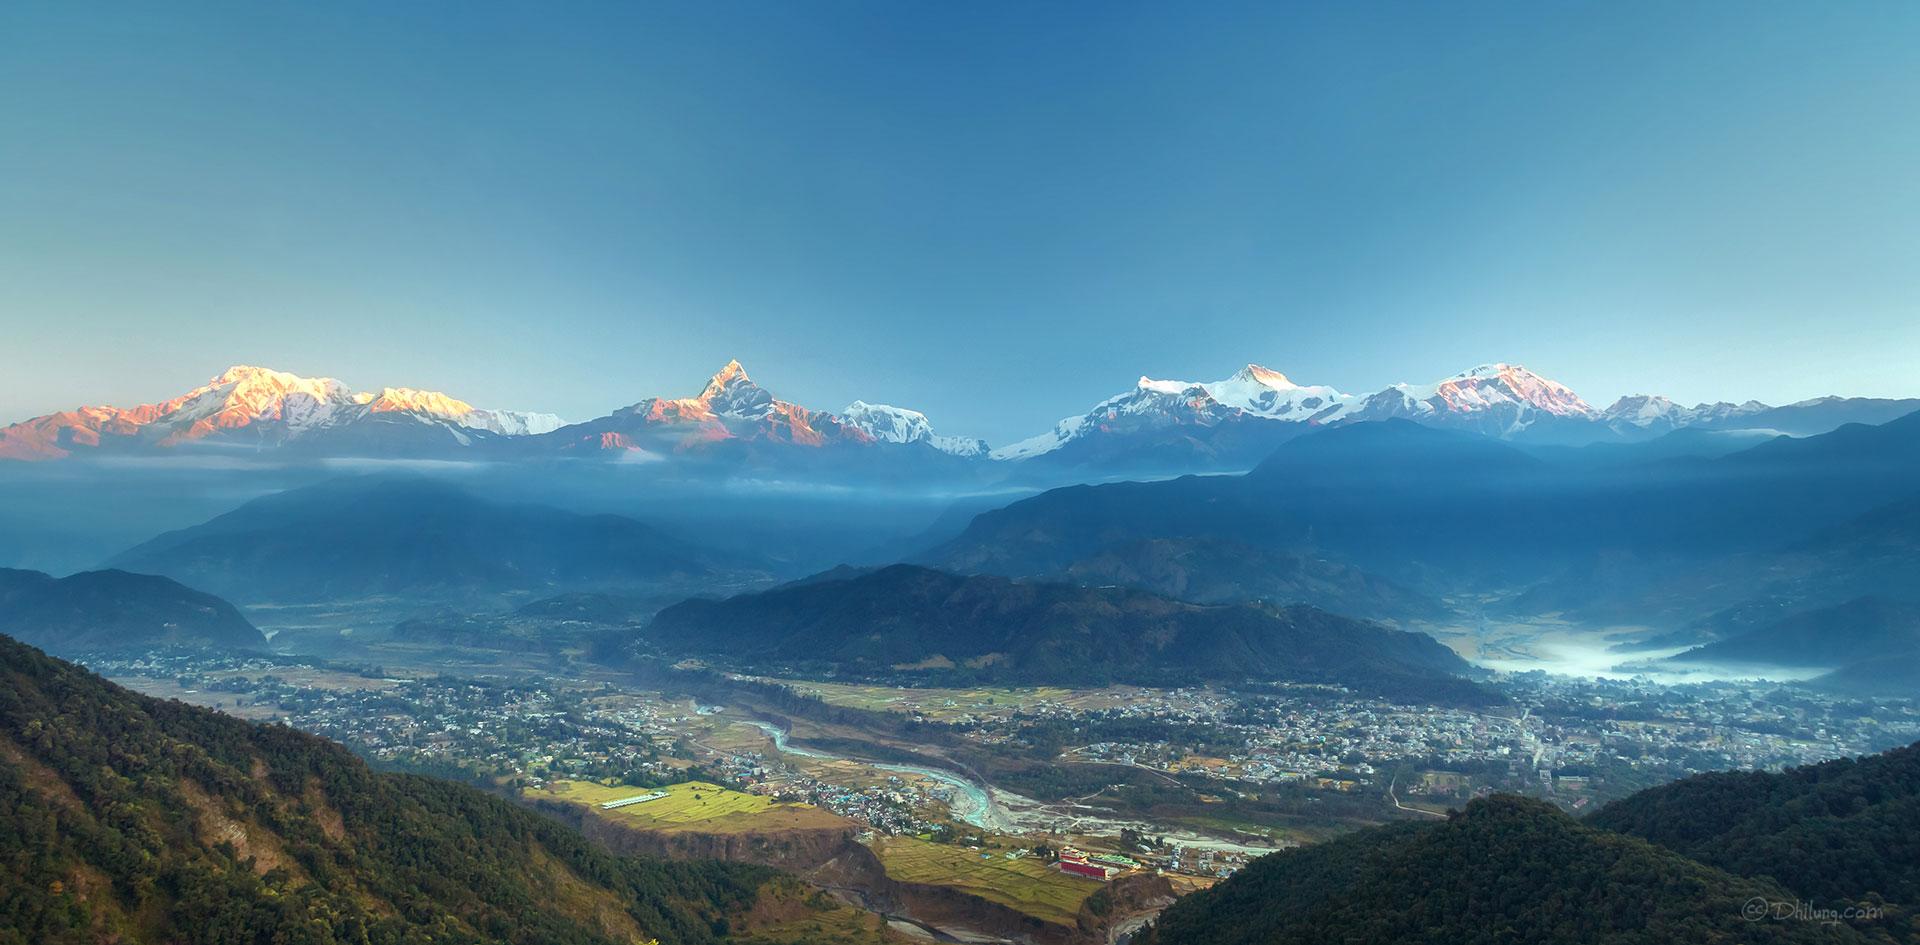 Η Ποκάρα είναι ο νούμερο 1. προορισμός περιπέτειας και αναψυχής του Νεπάλ